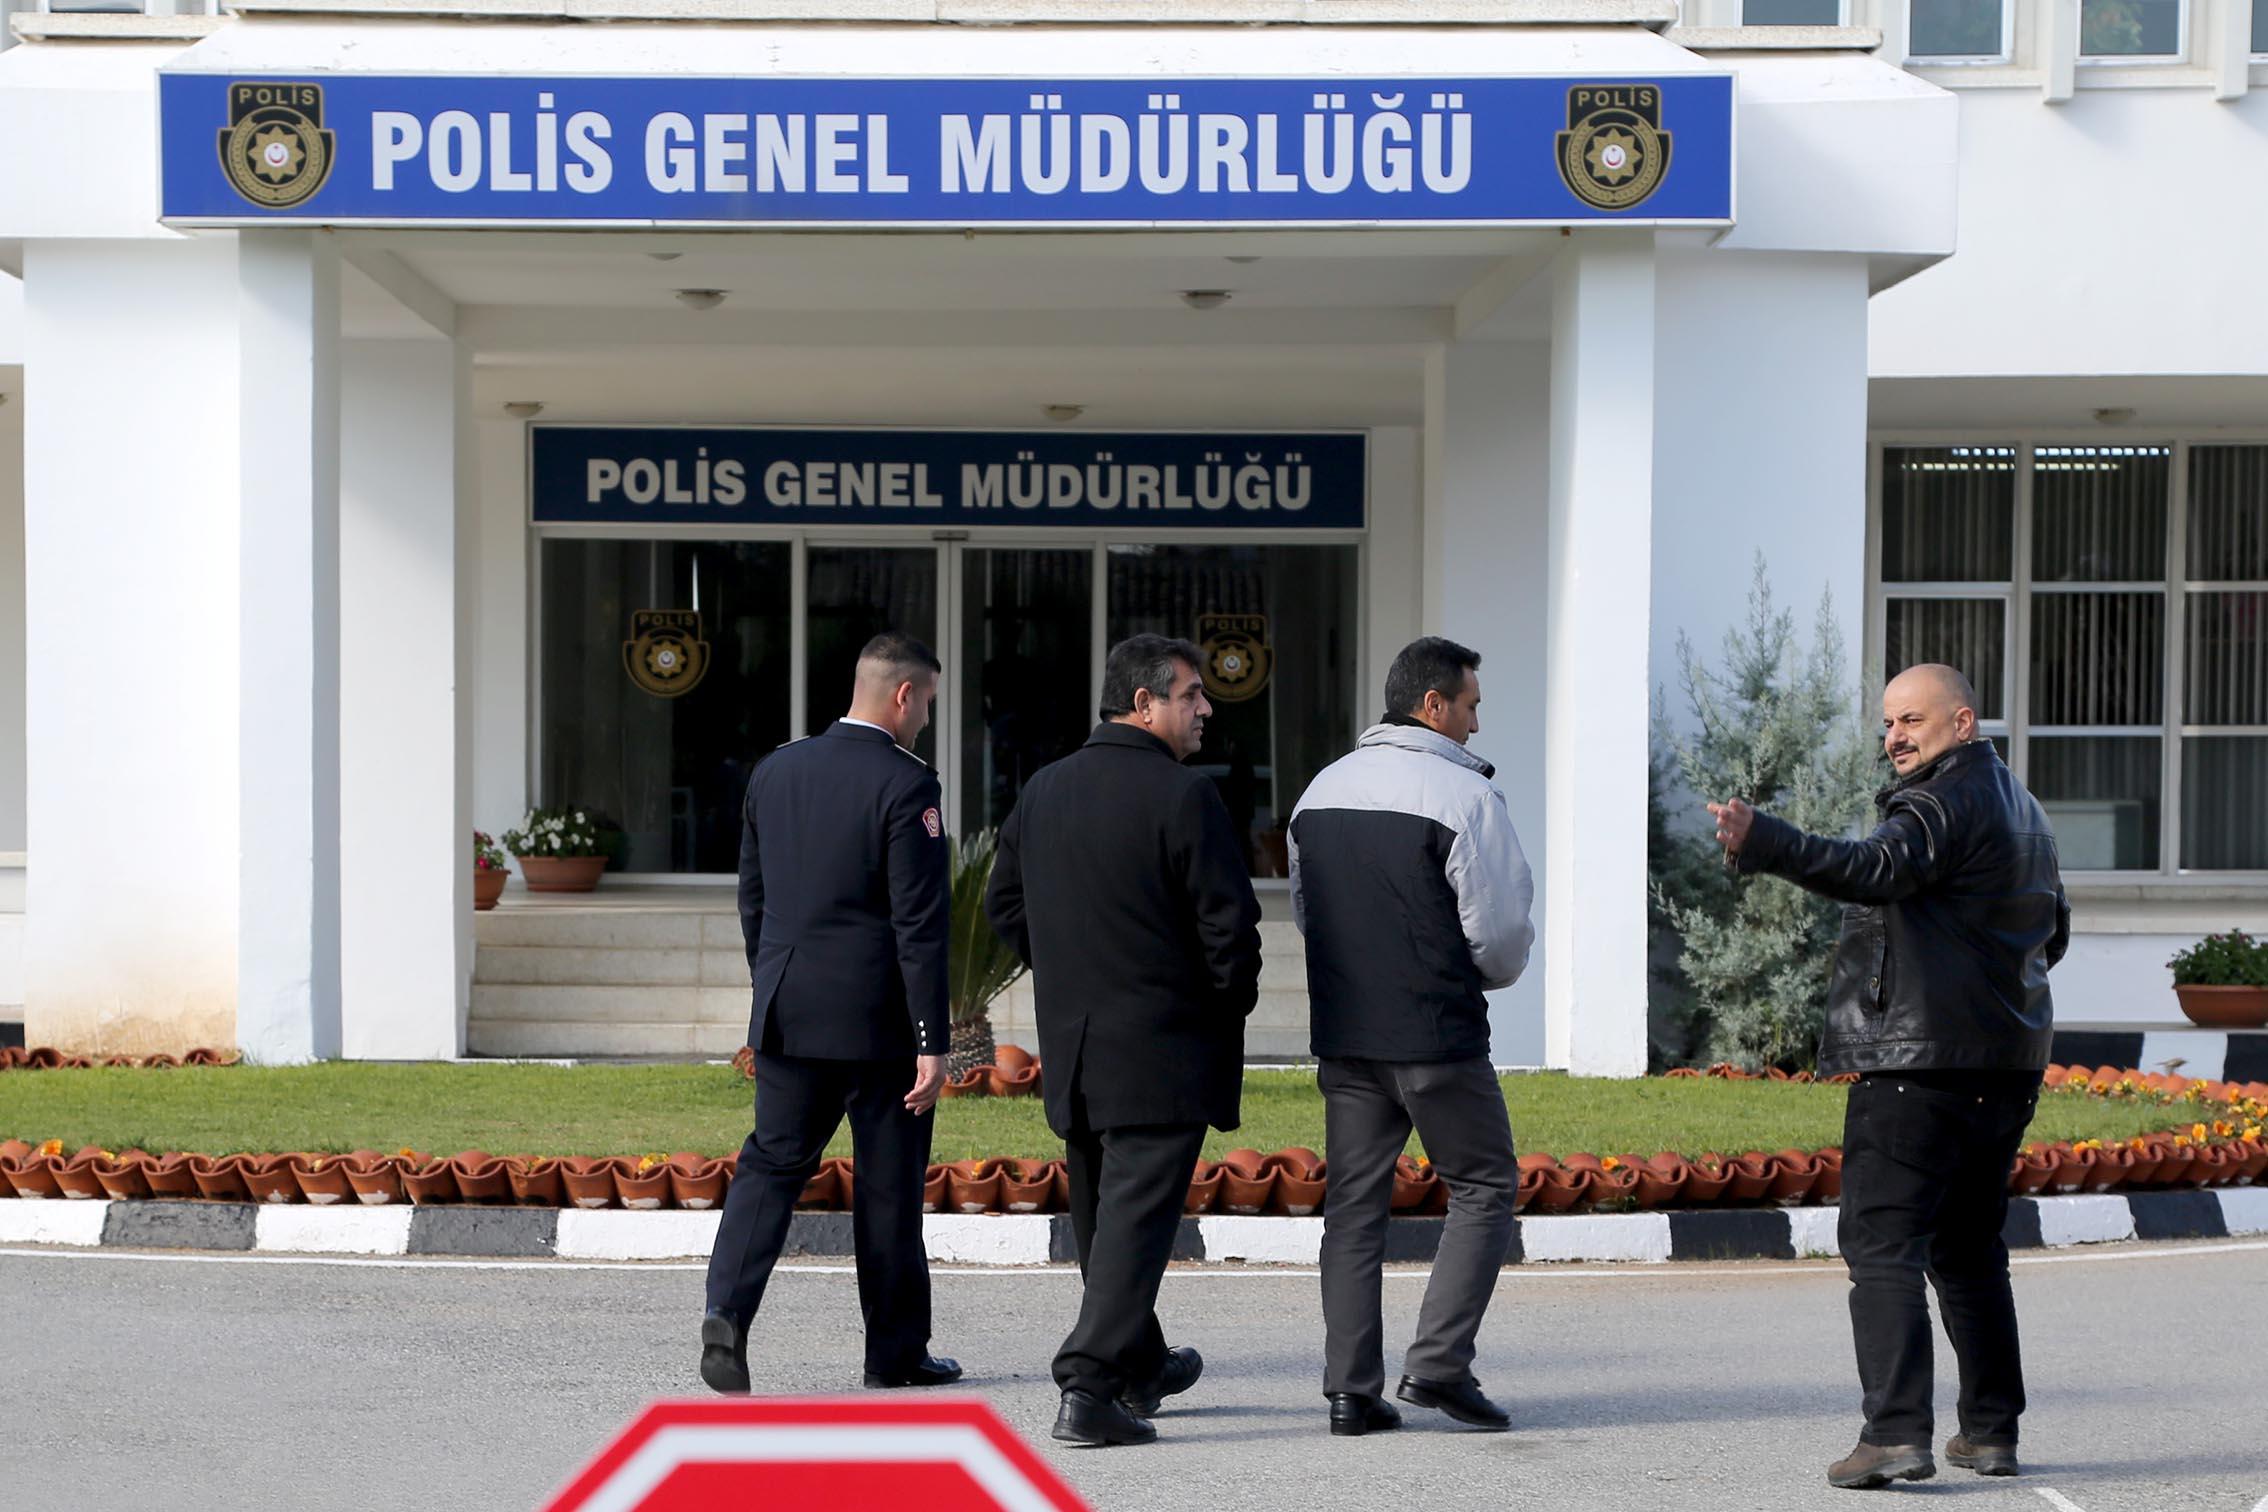 Polis Genel Müdürlüğü Personeline Test Yapıldı